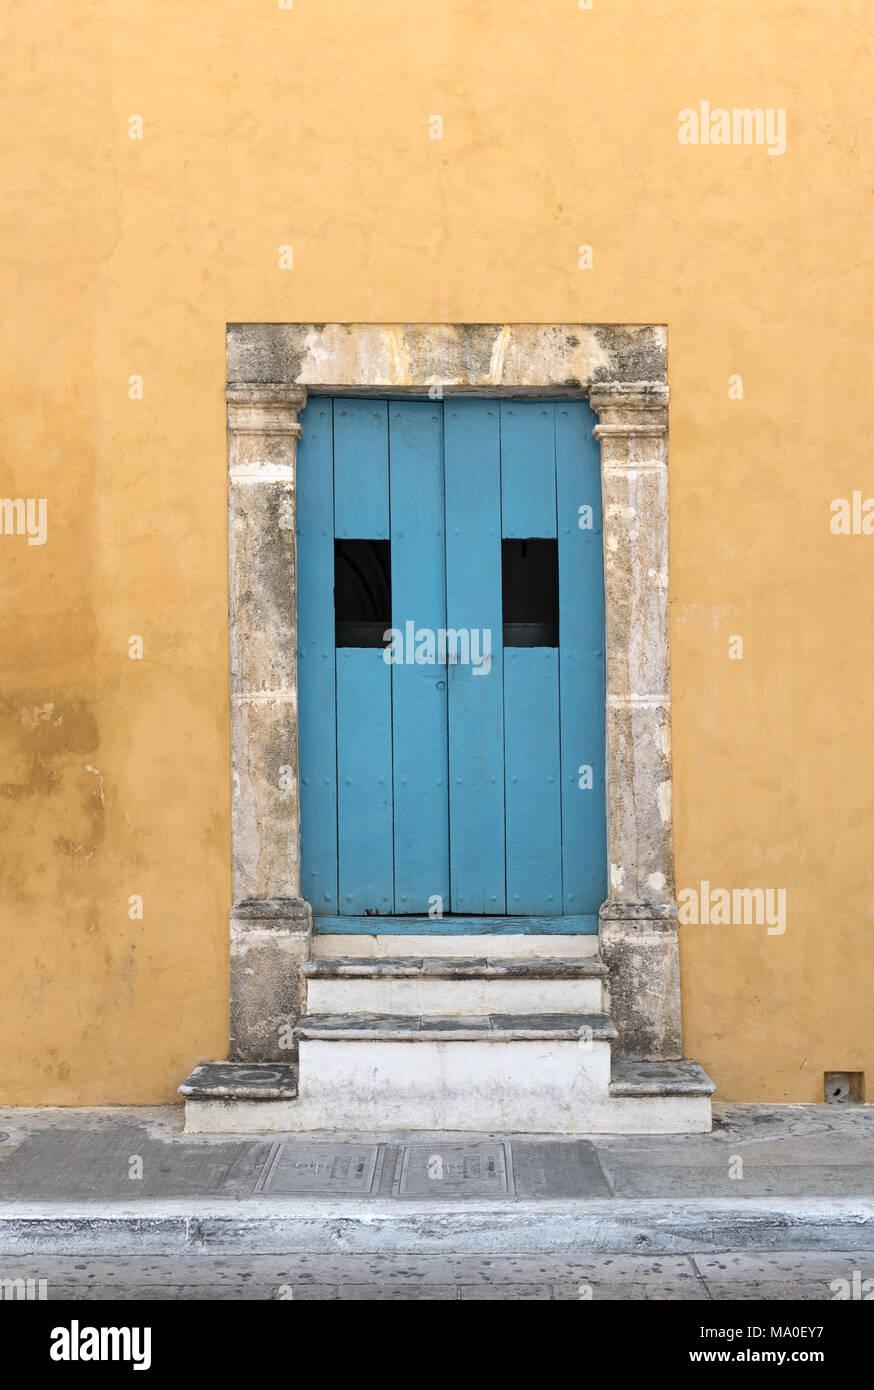 Casa Amarilla con puerta de madera azul en San Francisco de Campeche, México Imagen De Stock